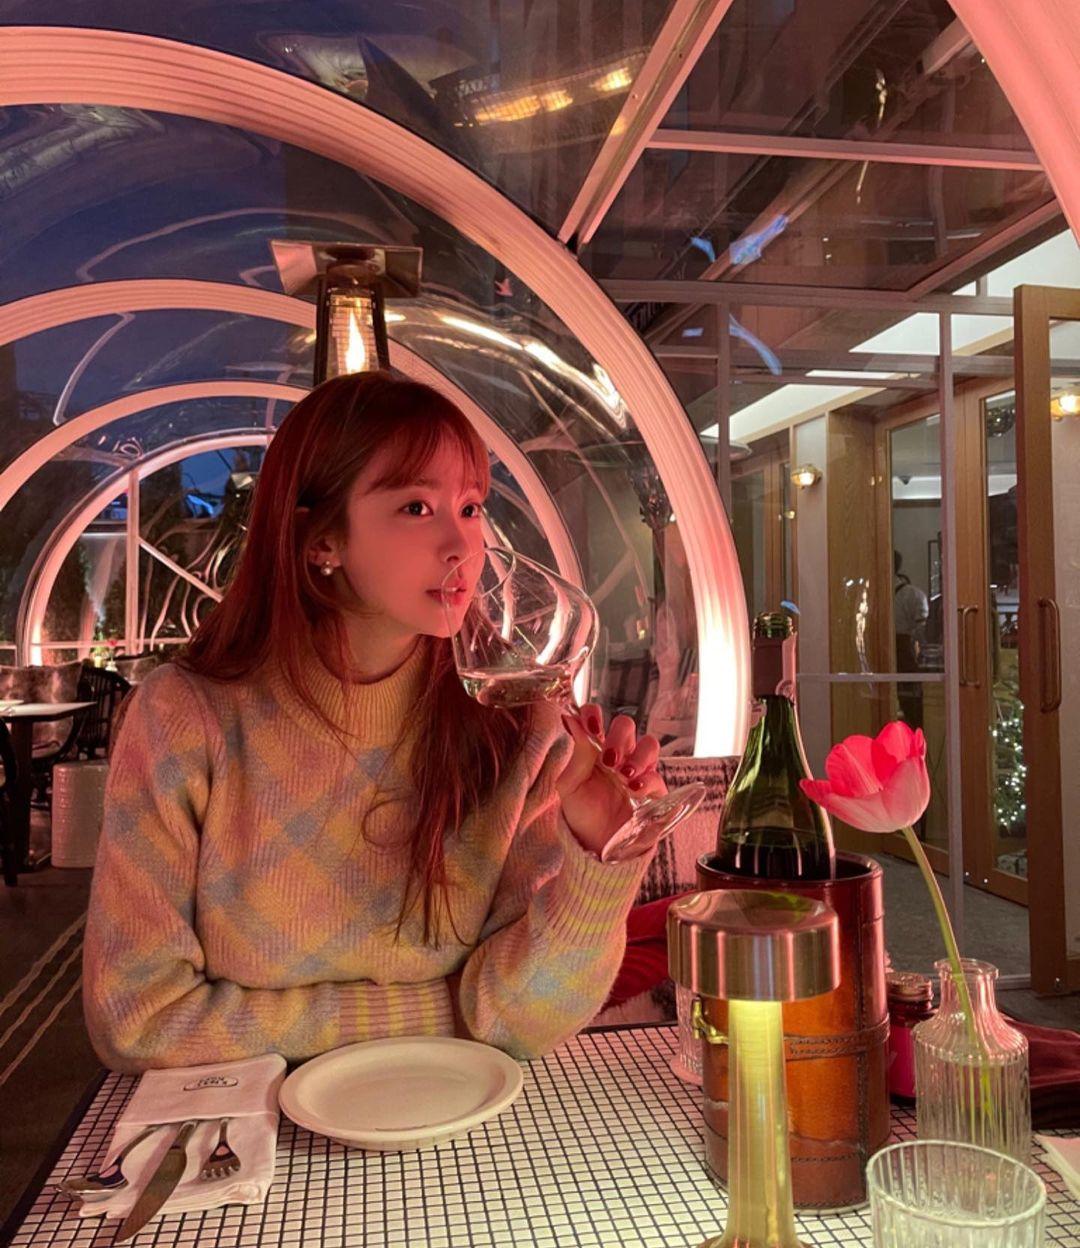 Loạt đồ Zara, H&M sao Hàn vừa diện: Sốc nhất là vòng cổ của Rosé, nhìn như hột xoàn bạc tỷ mà giá chỉ 1,6 triệu - Ảnh 4.